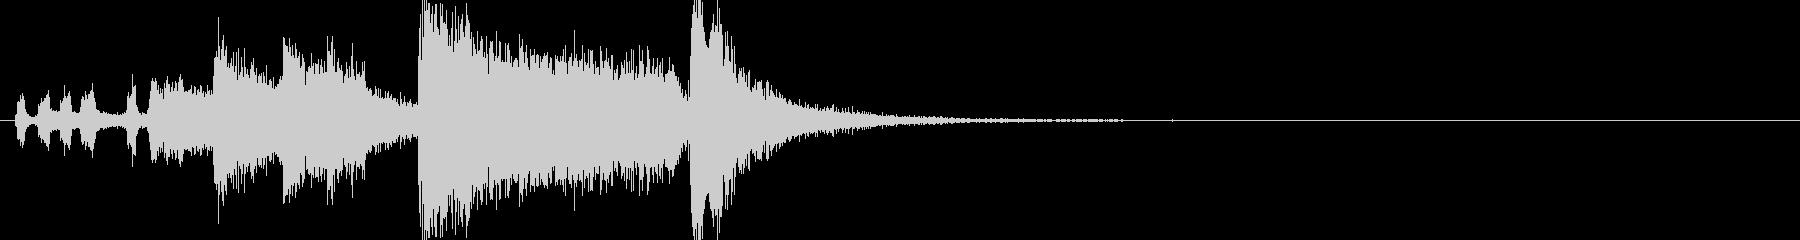 粘る金管ファンファーレ~Dメジャーの未再生の波形